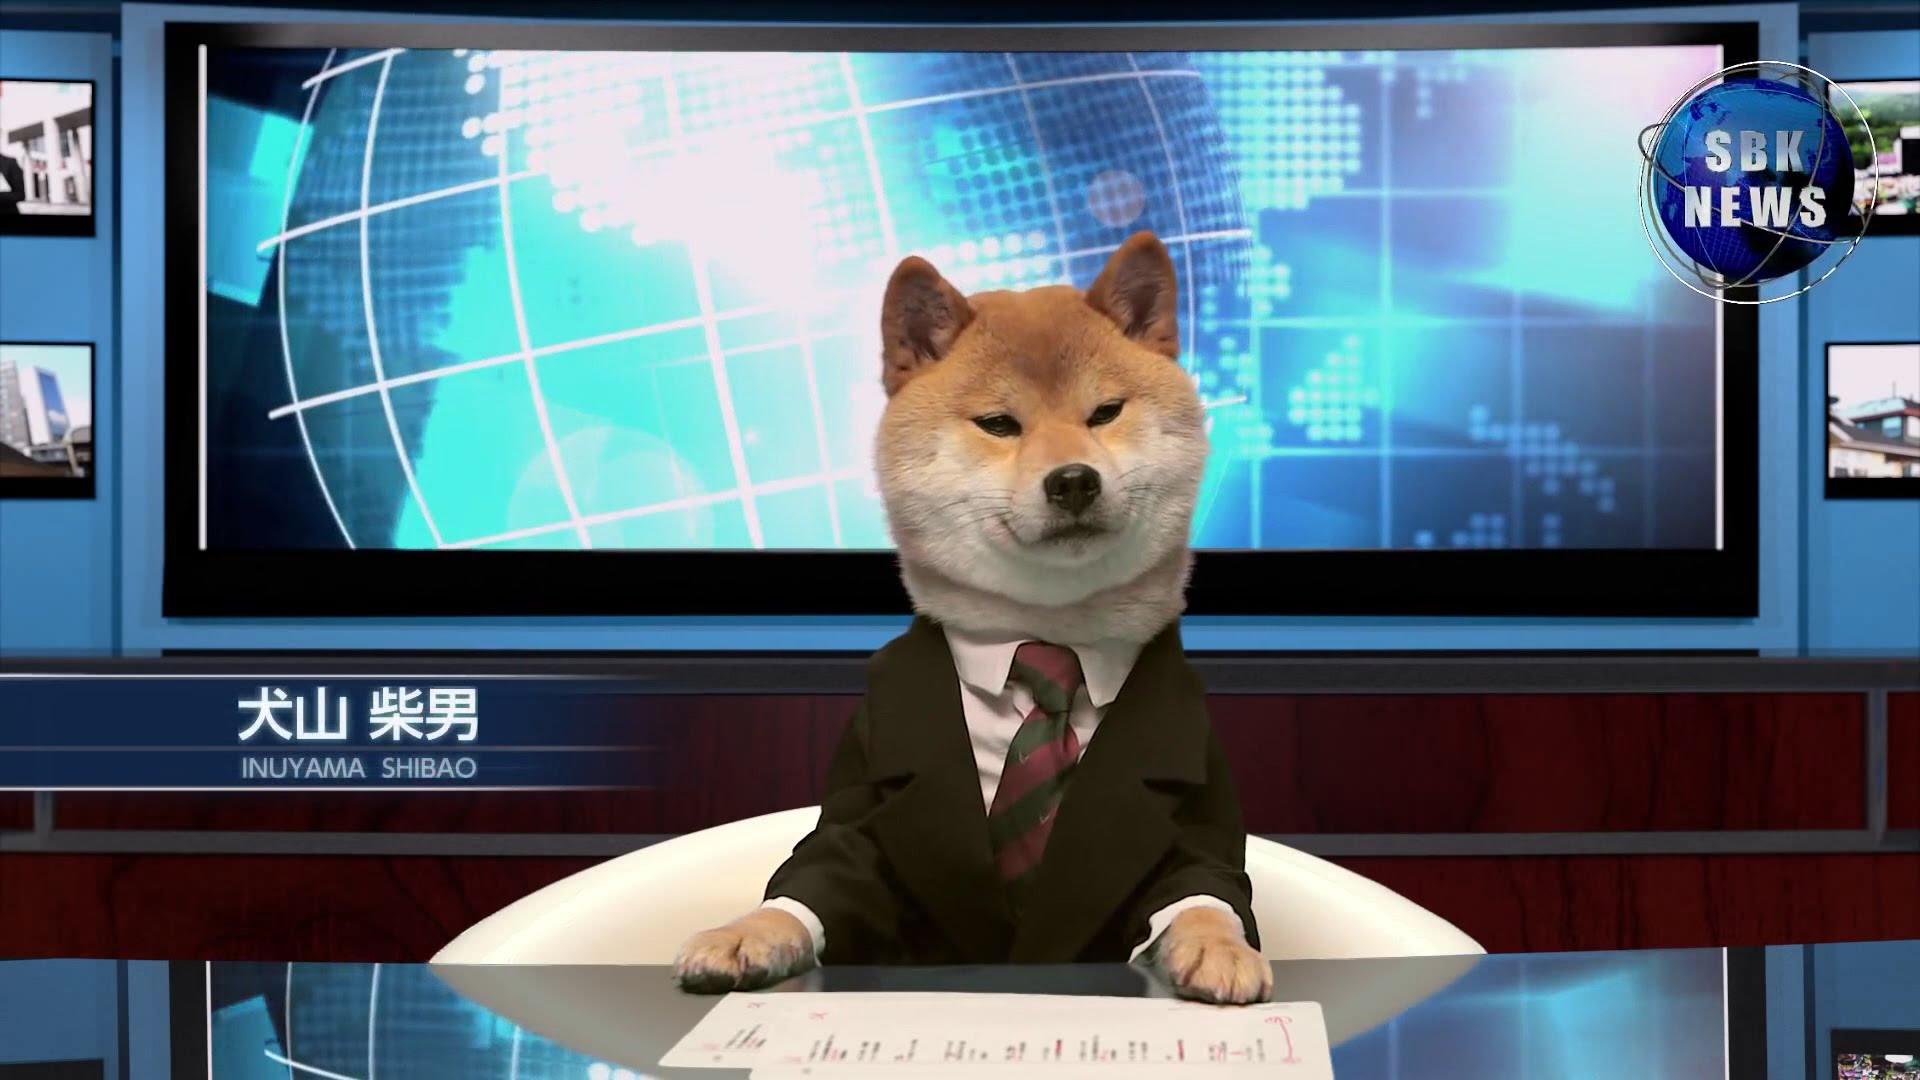 柴犬の犬山柴男キャスターがつとめるニュース番組が可愛すぎる!